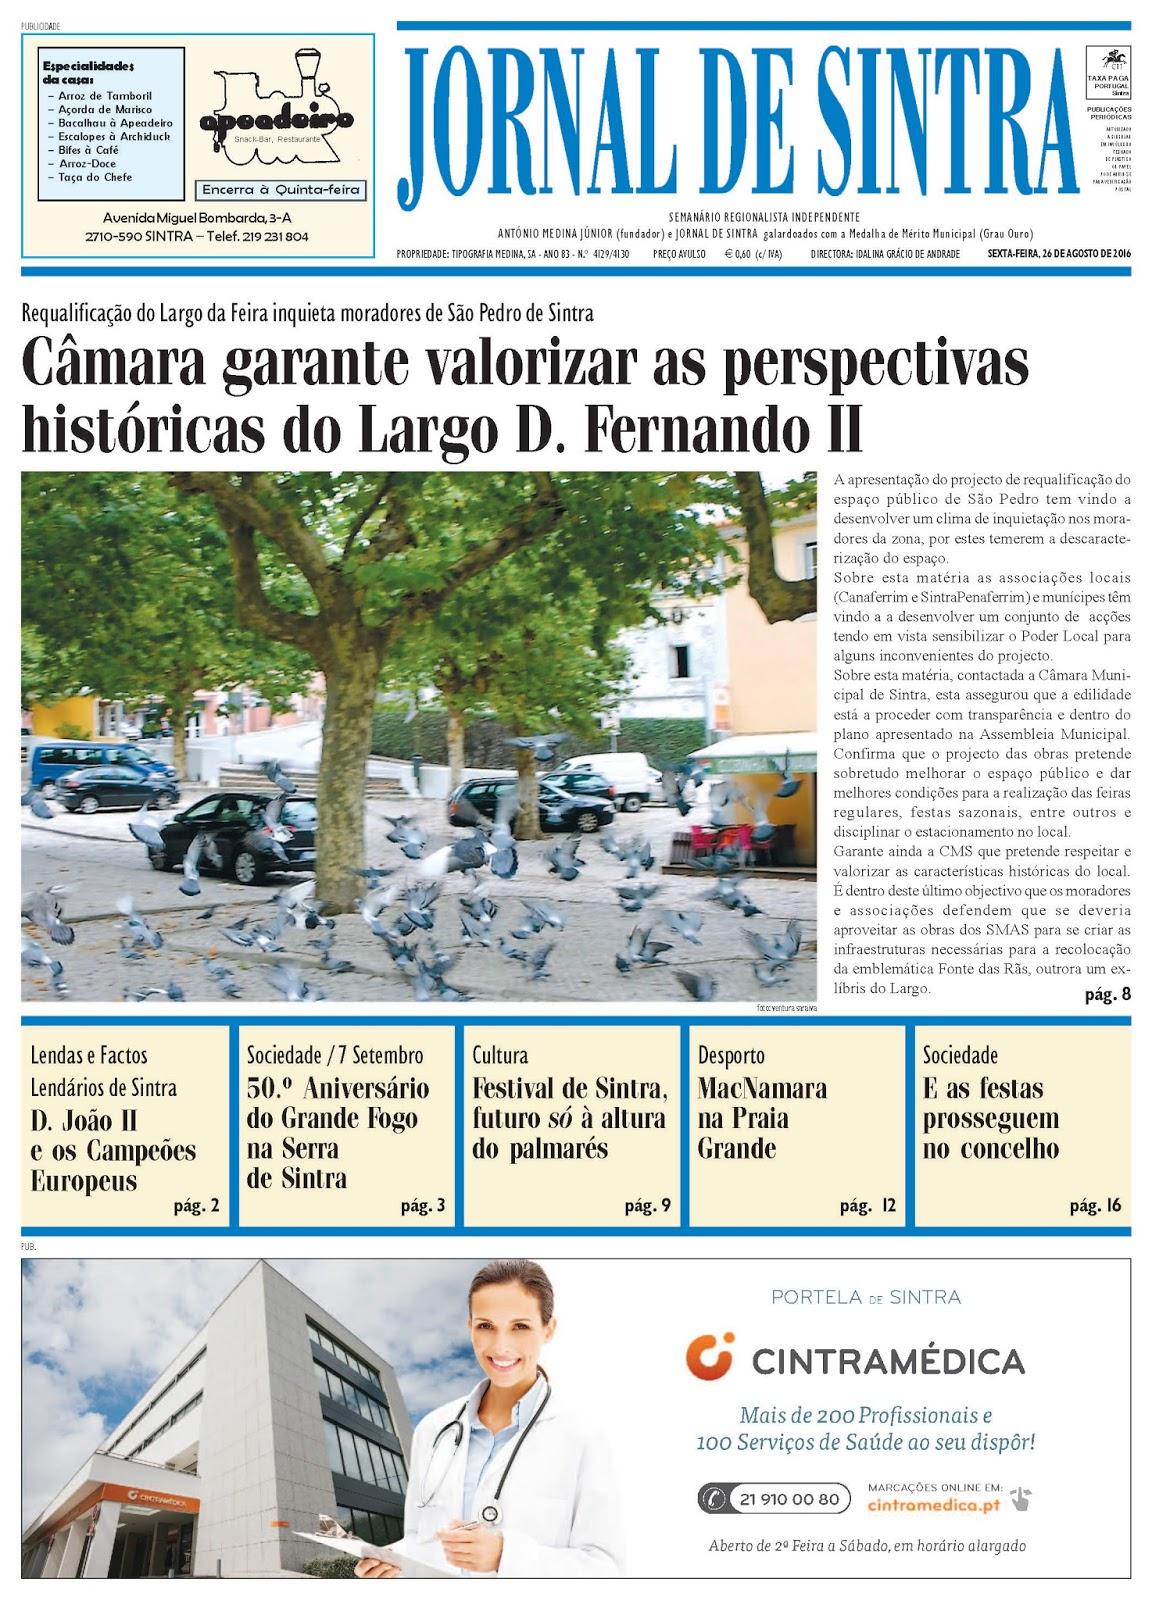 Capa da edição de 26-08-2016